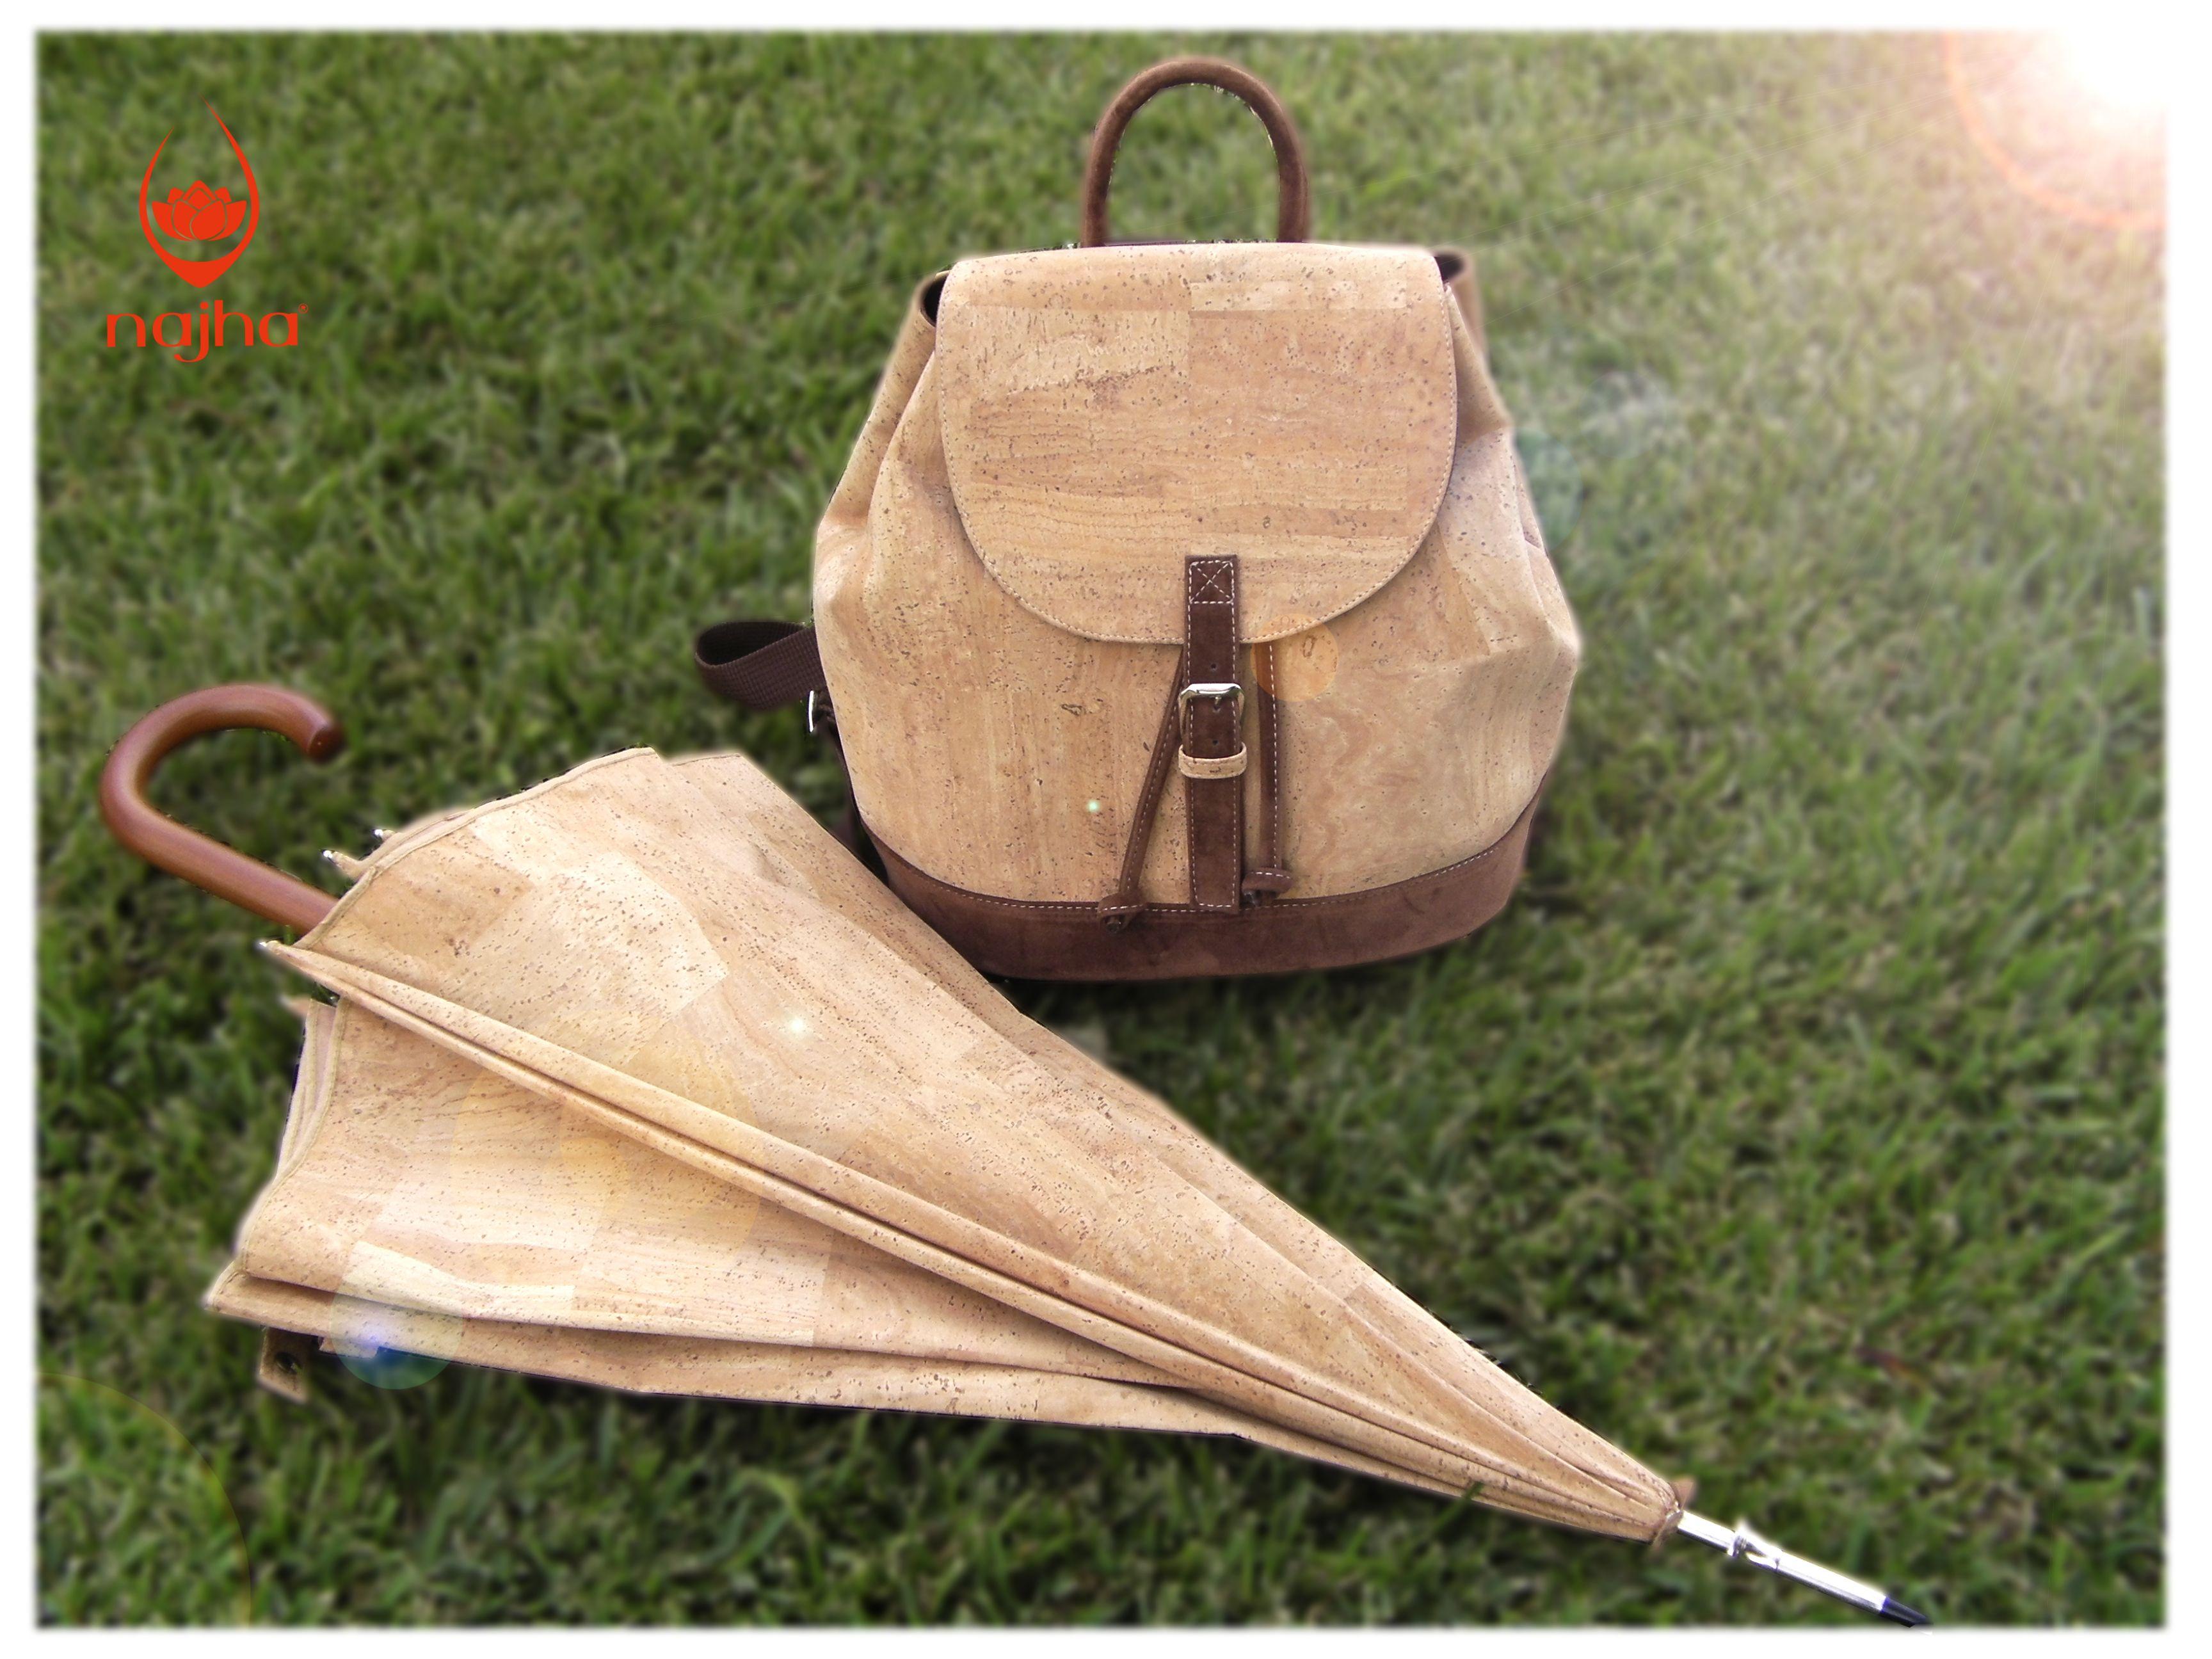 Guarda-chuva e Mochila.  Saiba mais em www.najha.com